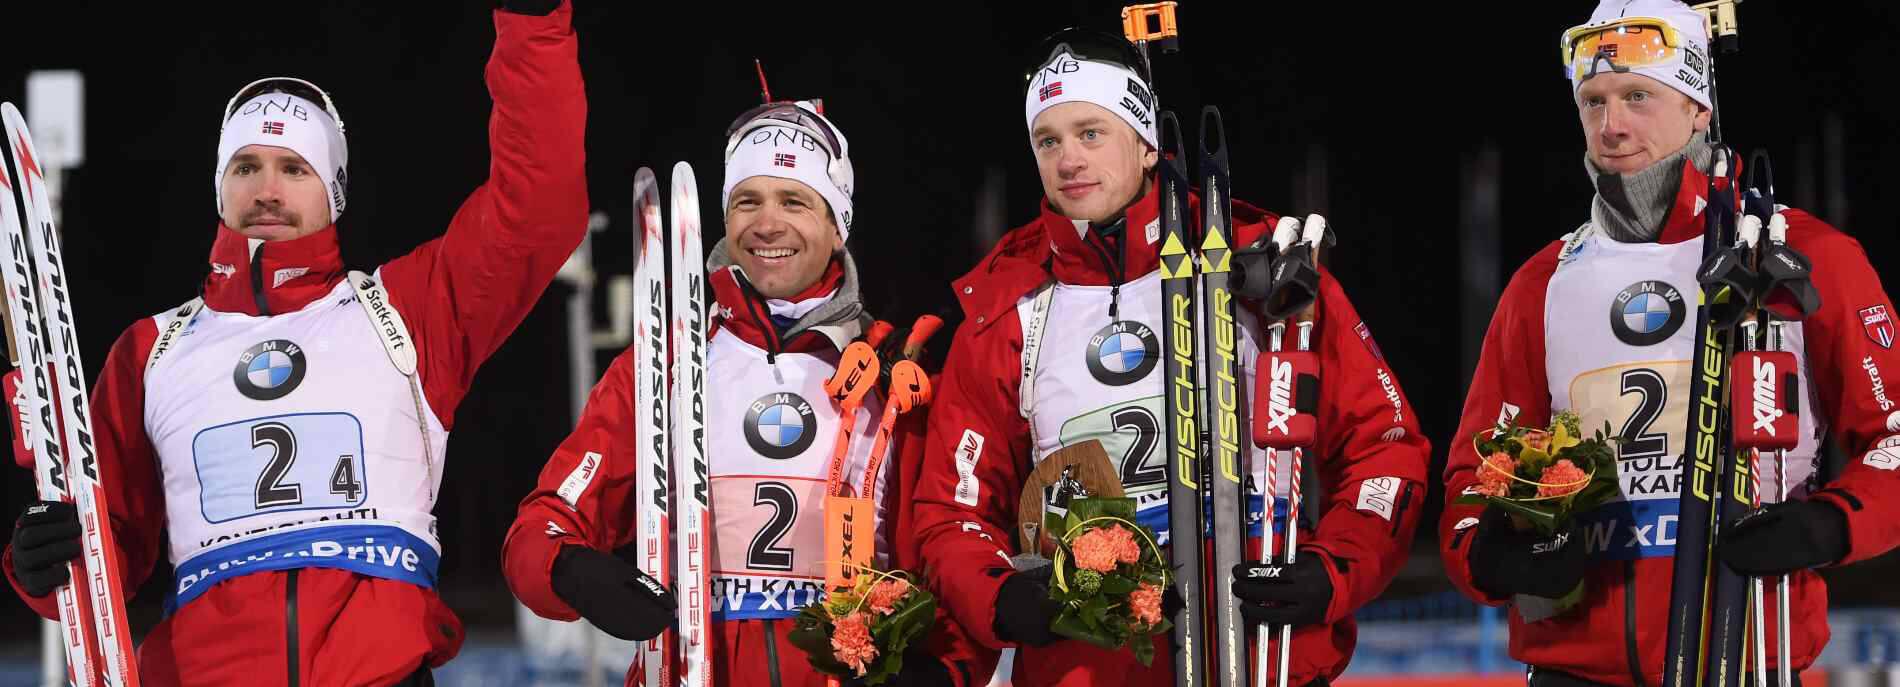 biathlon online.de